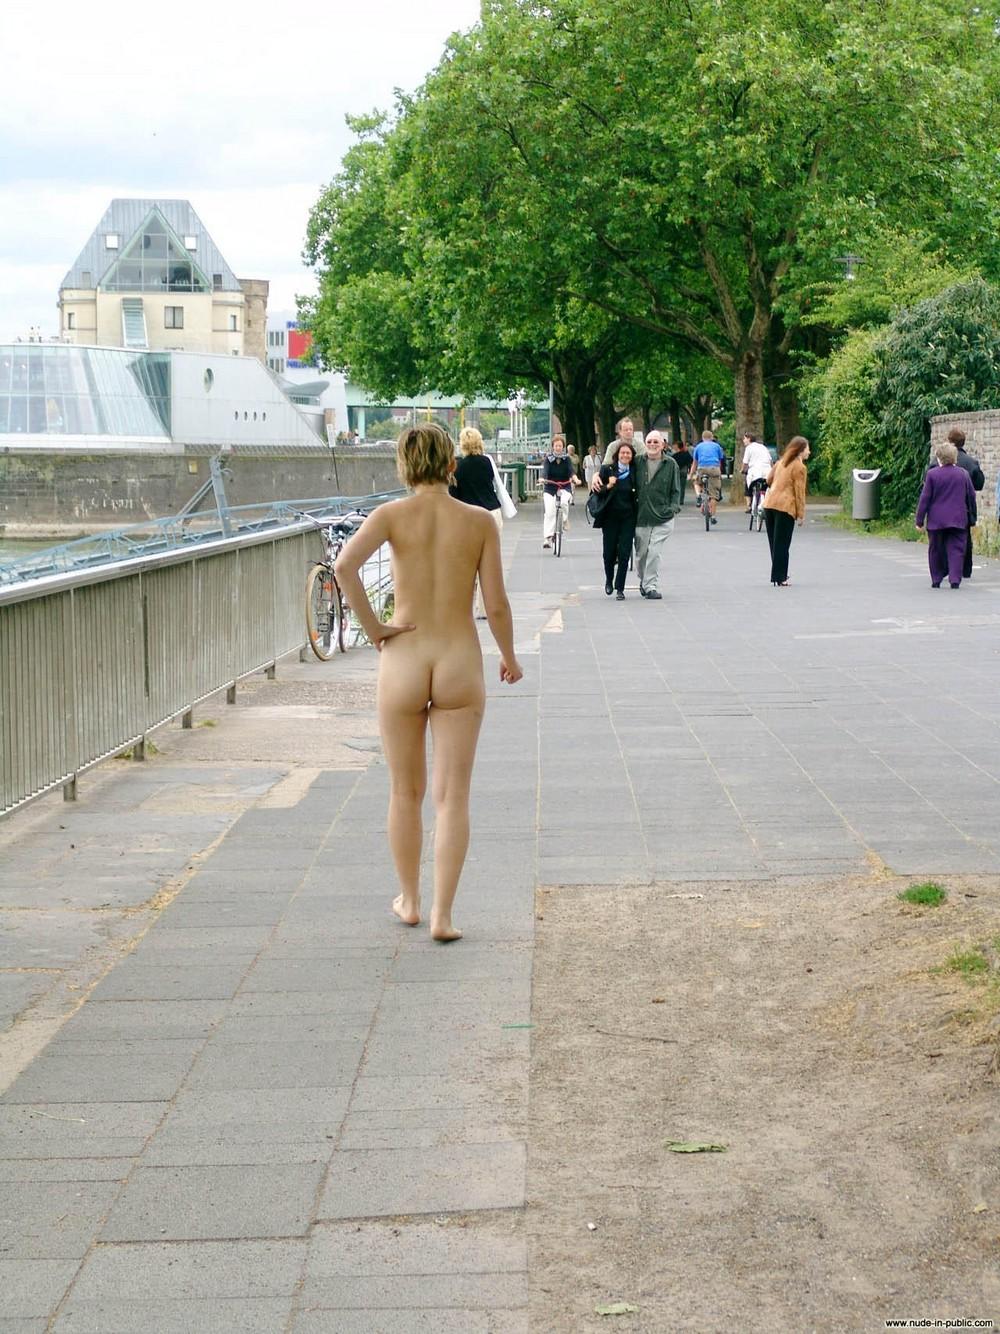 Страпон фото любительское видео голых девушек в общественных местах делает минет онлайн